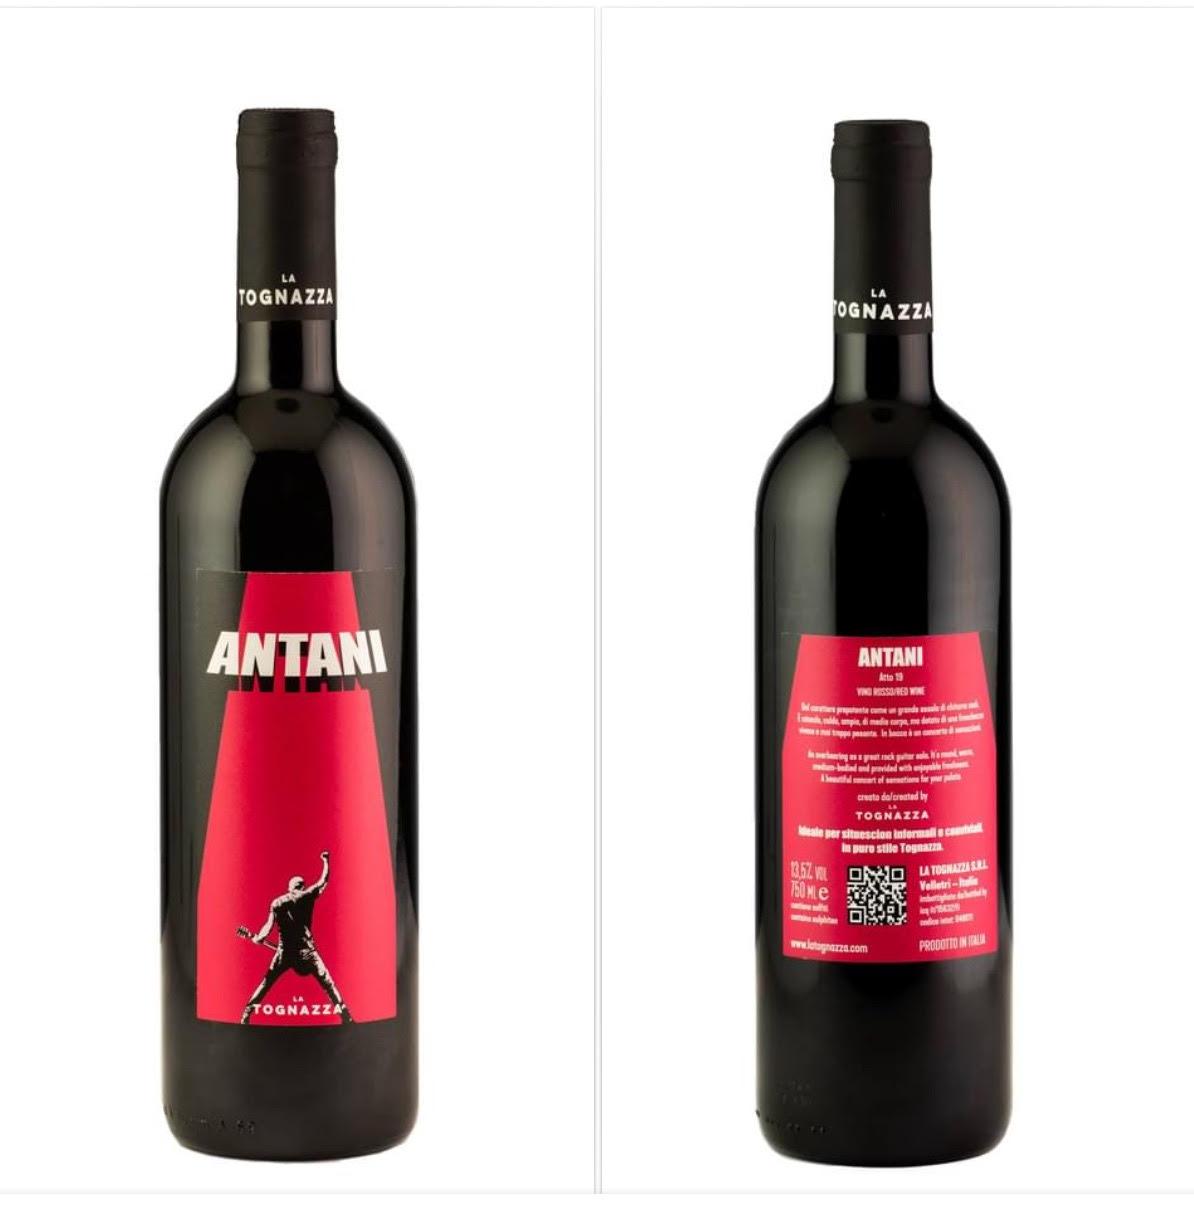 Pau il frontman dei Negrita autore delle nuove etichette dei vini La Tognazza (distribuiti dal Massimo Mascherpa) e protagonista di una mostra a Cremona